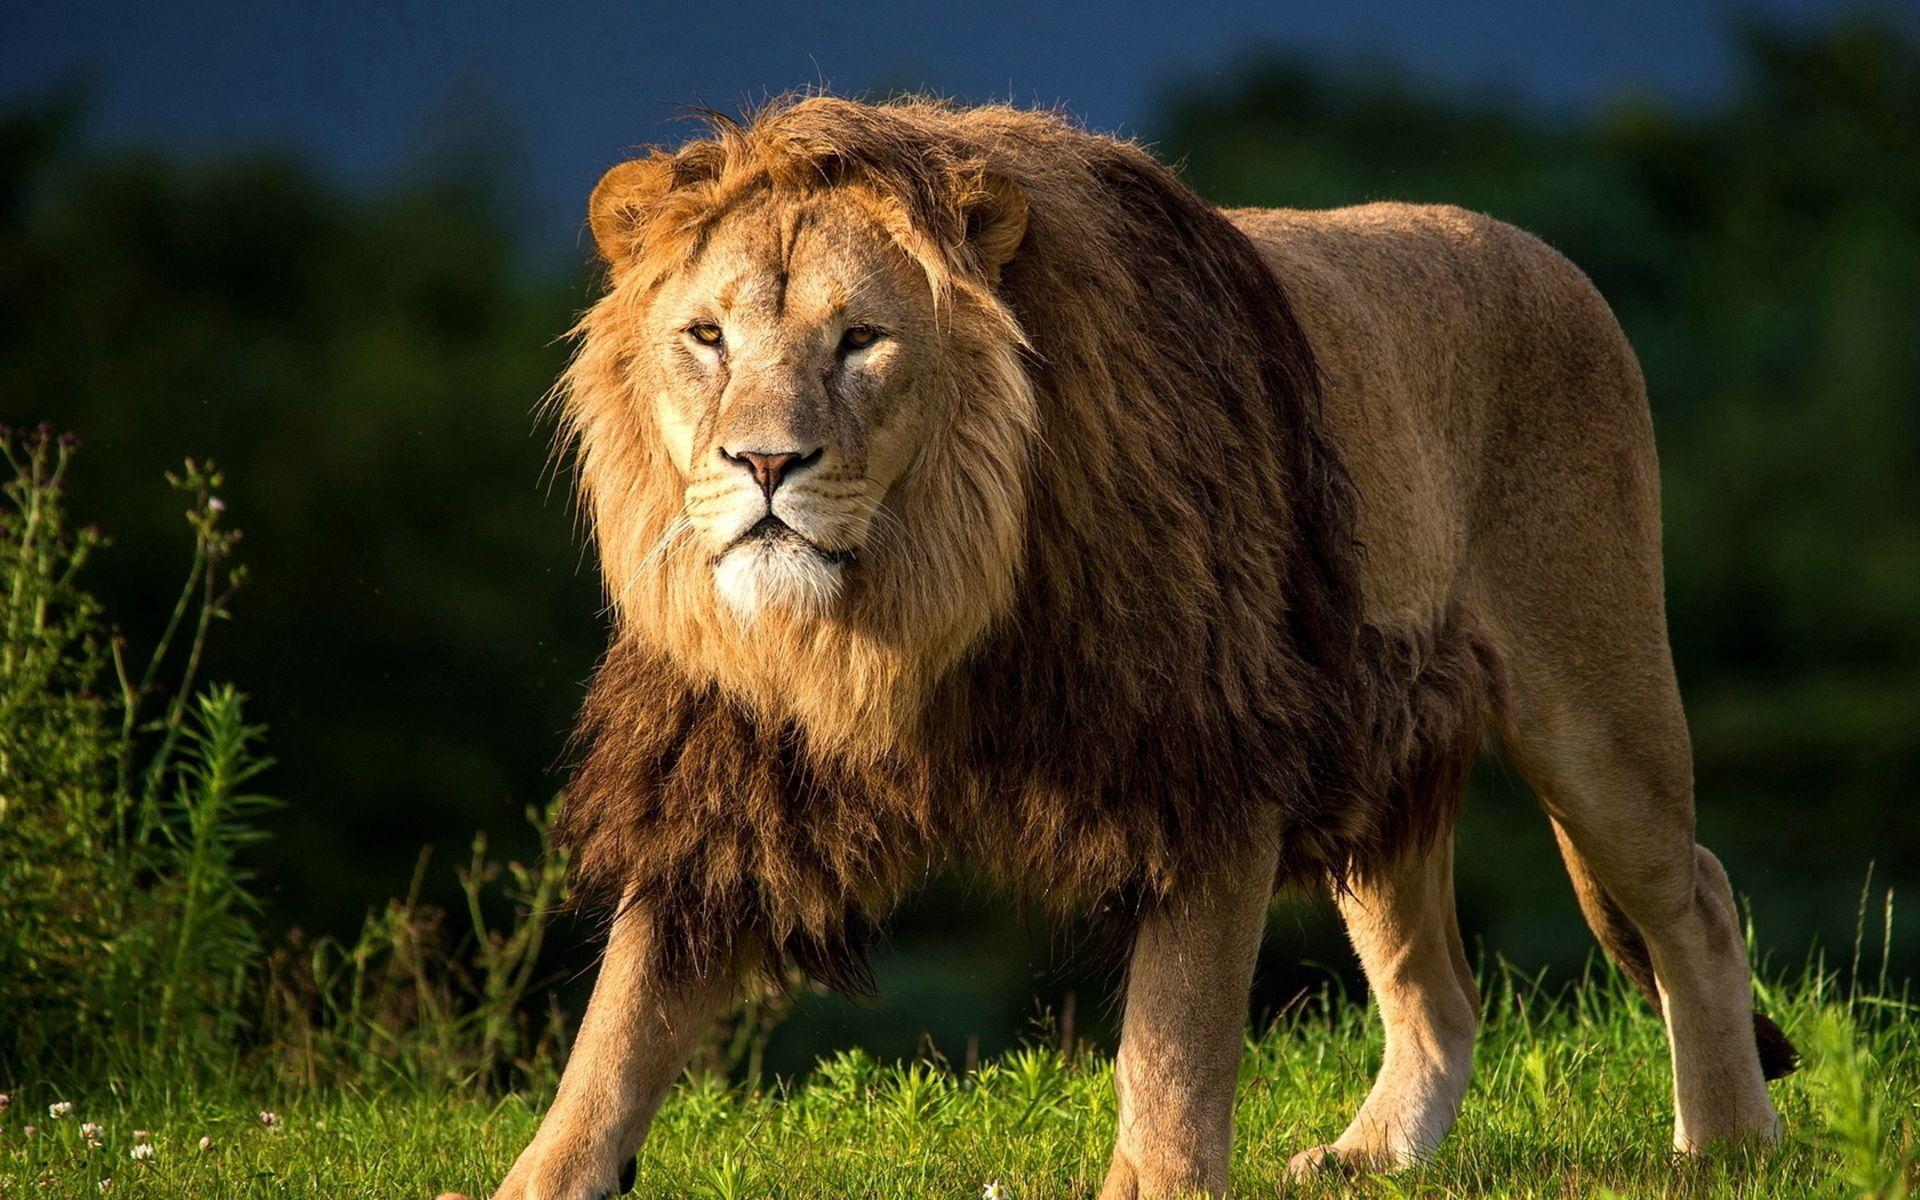 106991 Protetores de tela e papéis de parede Rei Das Feras em seu telefone. Baixe Animais, Grama, Leão, Um Leão, Gato Grande, Passeio, Passear, Rei Das Feras, Rei Das Bestas fotos gratuitamente